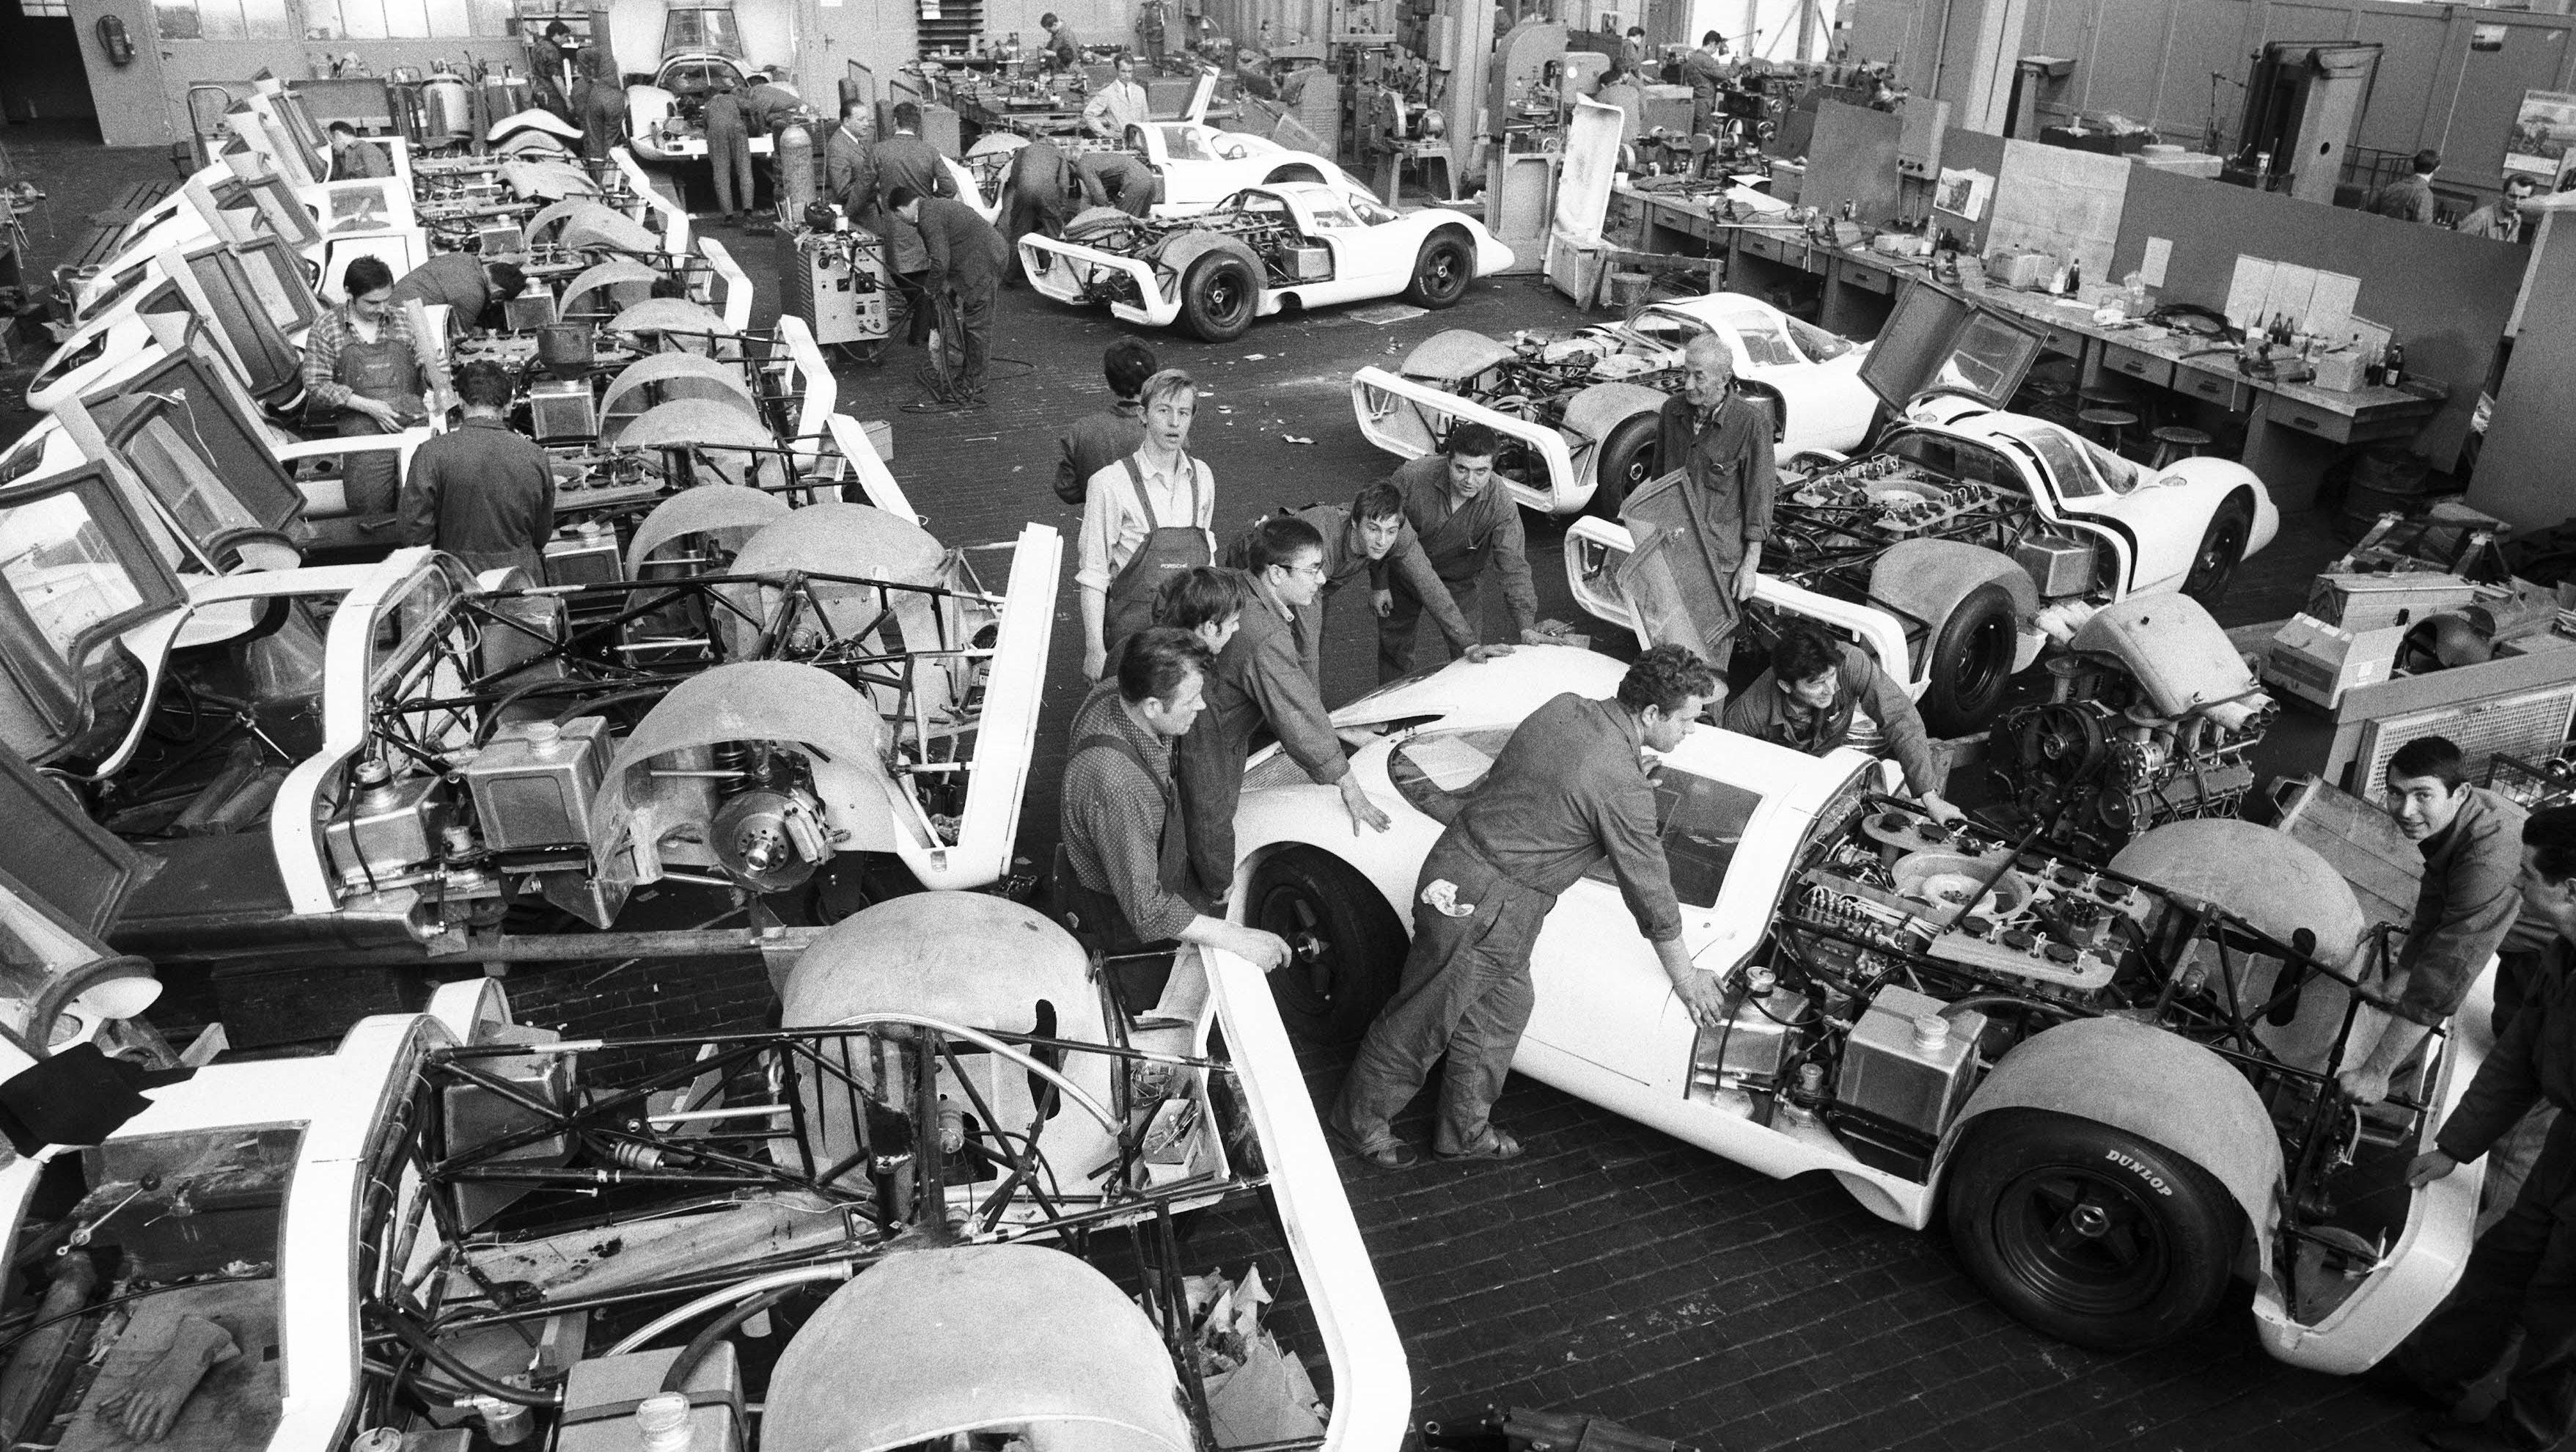 Build 25 Porsche 917 homologation model